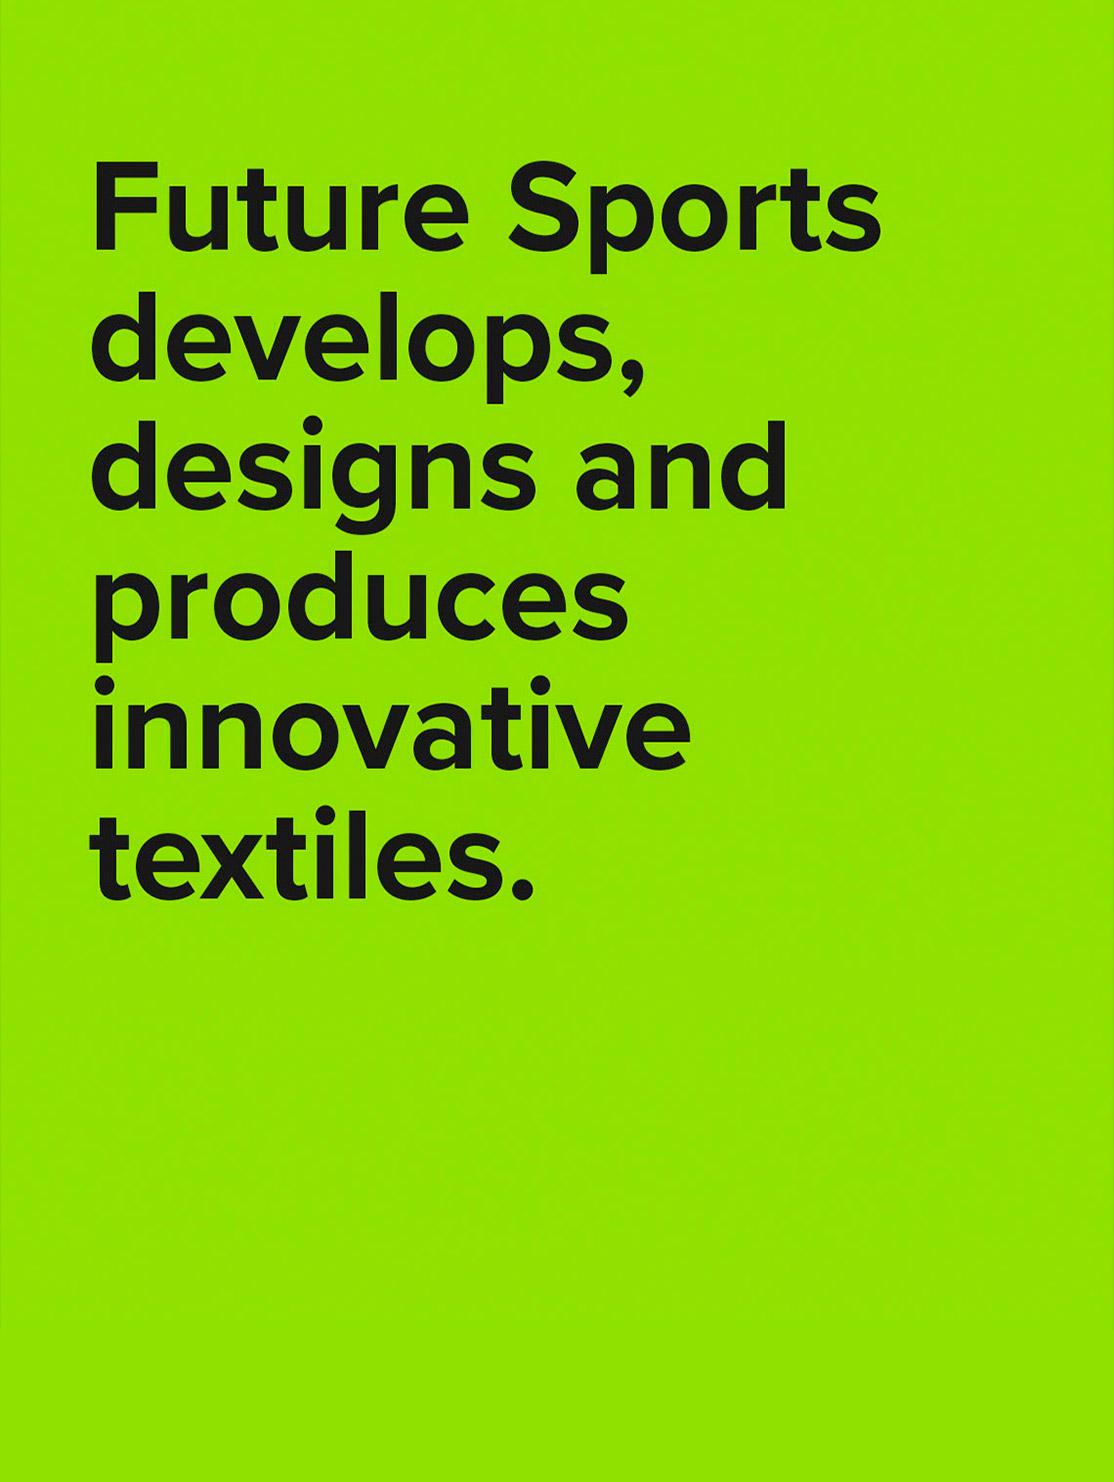 q2-werbeagentur_future-sports_color